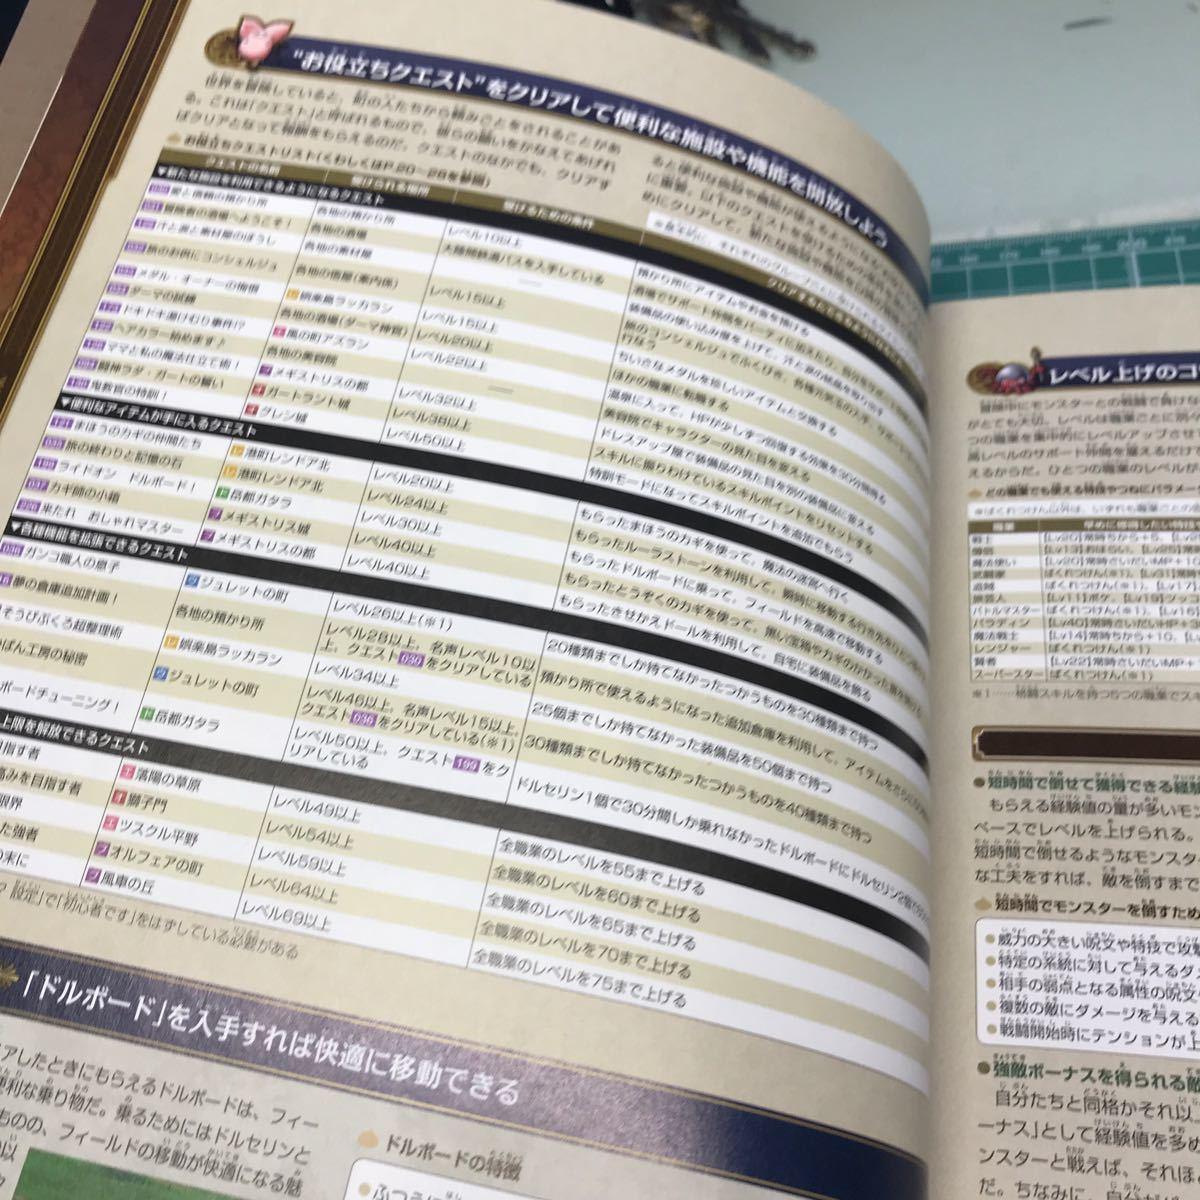 ドラゴンクエスト10目覚めし五つの種族オンライン公式ガイドブック  1stシリ-ズまとめ編 /スクウェア・エニックス